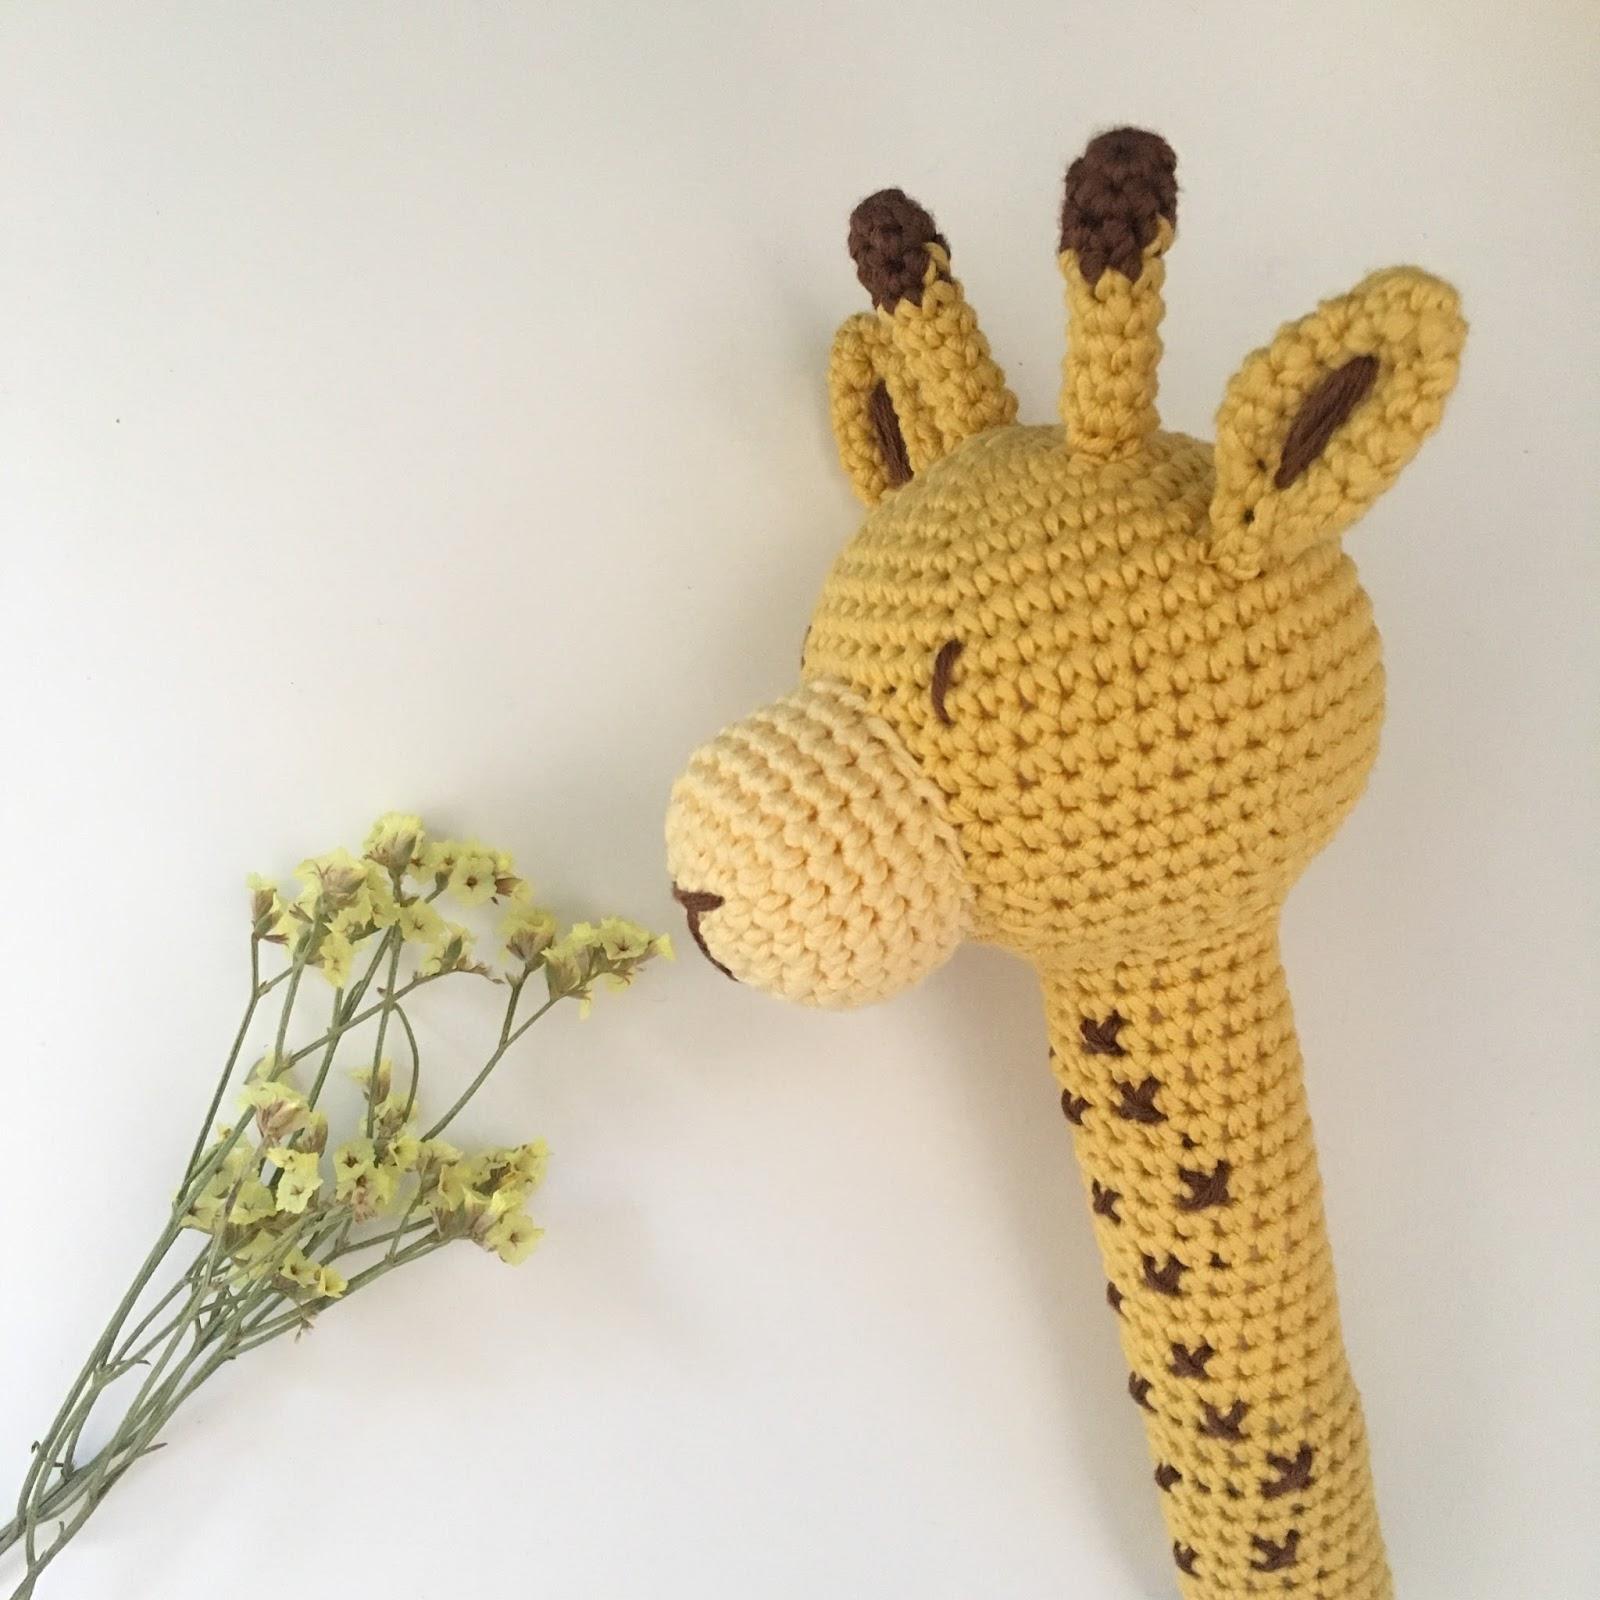 Monty the Giraffe Crochet stuffie CUSTOM COLOR by LoveDincy ... | 1600x1600